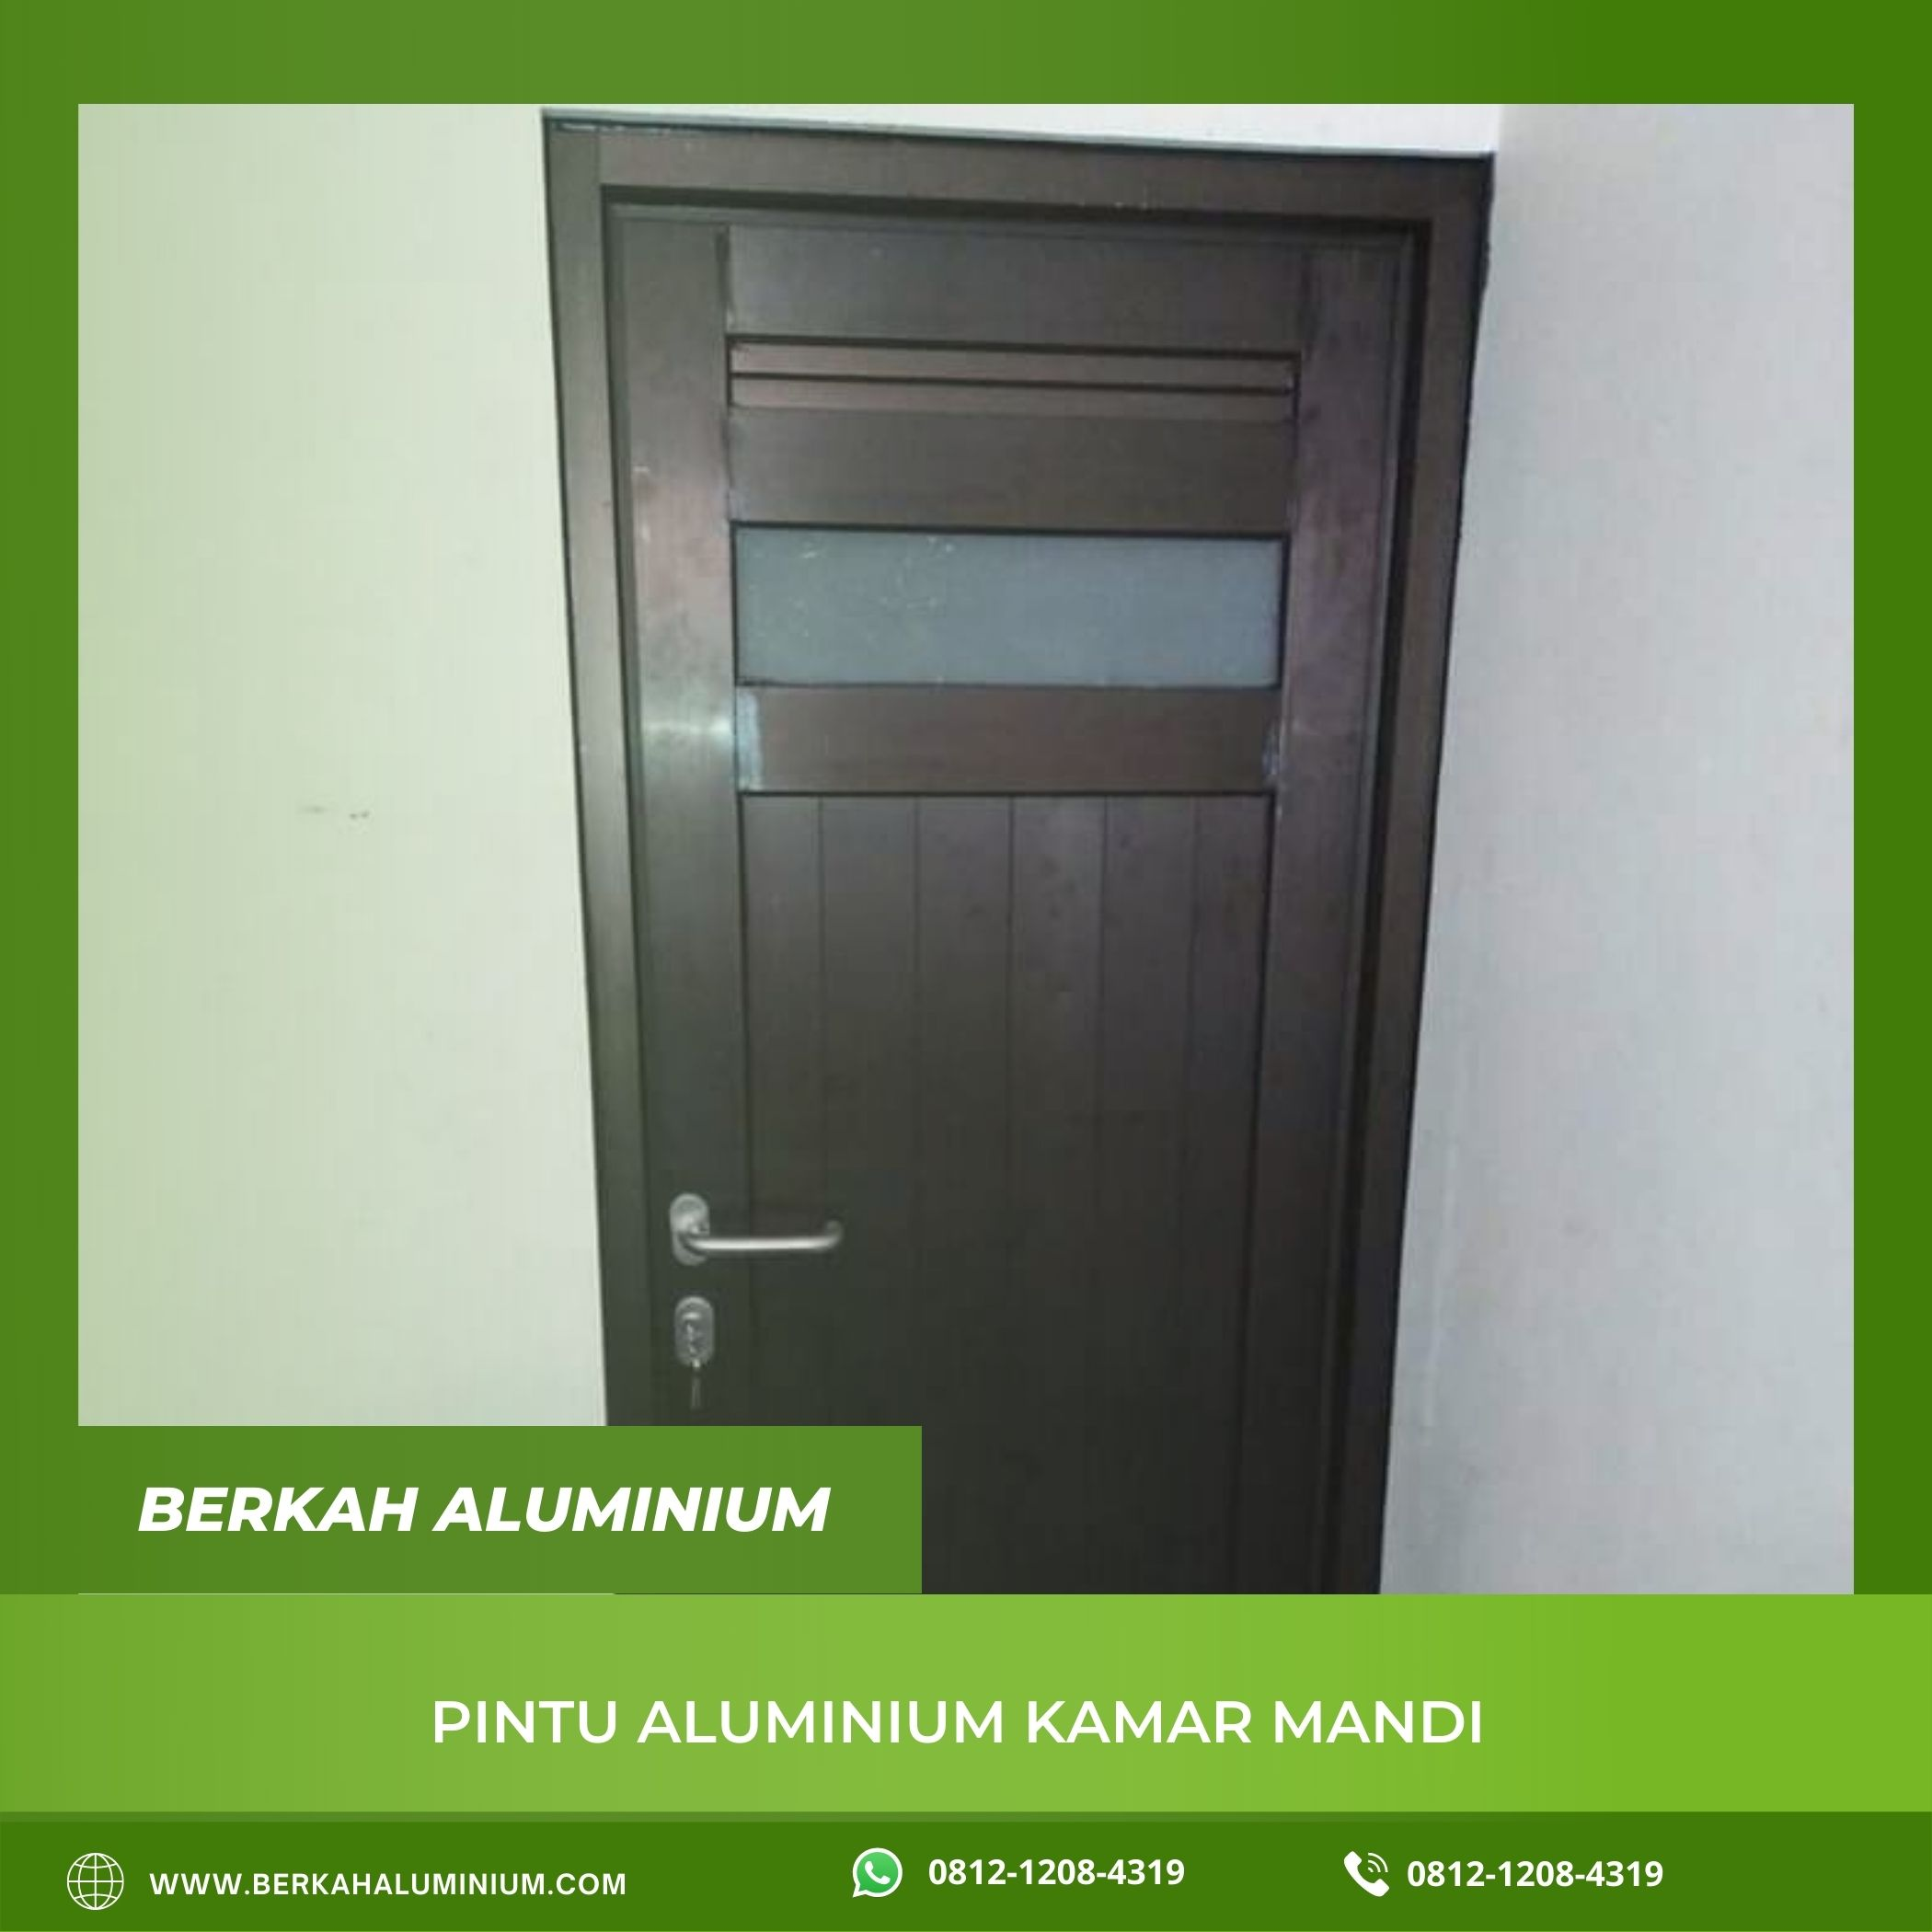 Pintu Aluminium Kamar Mandi